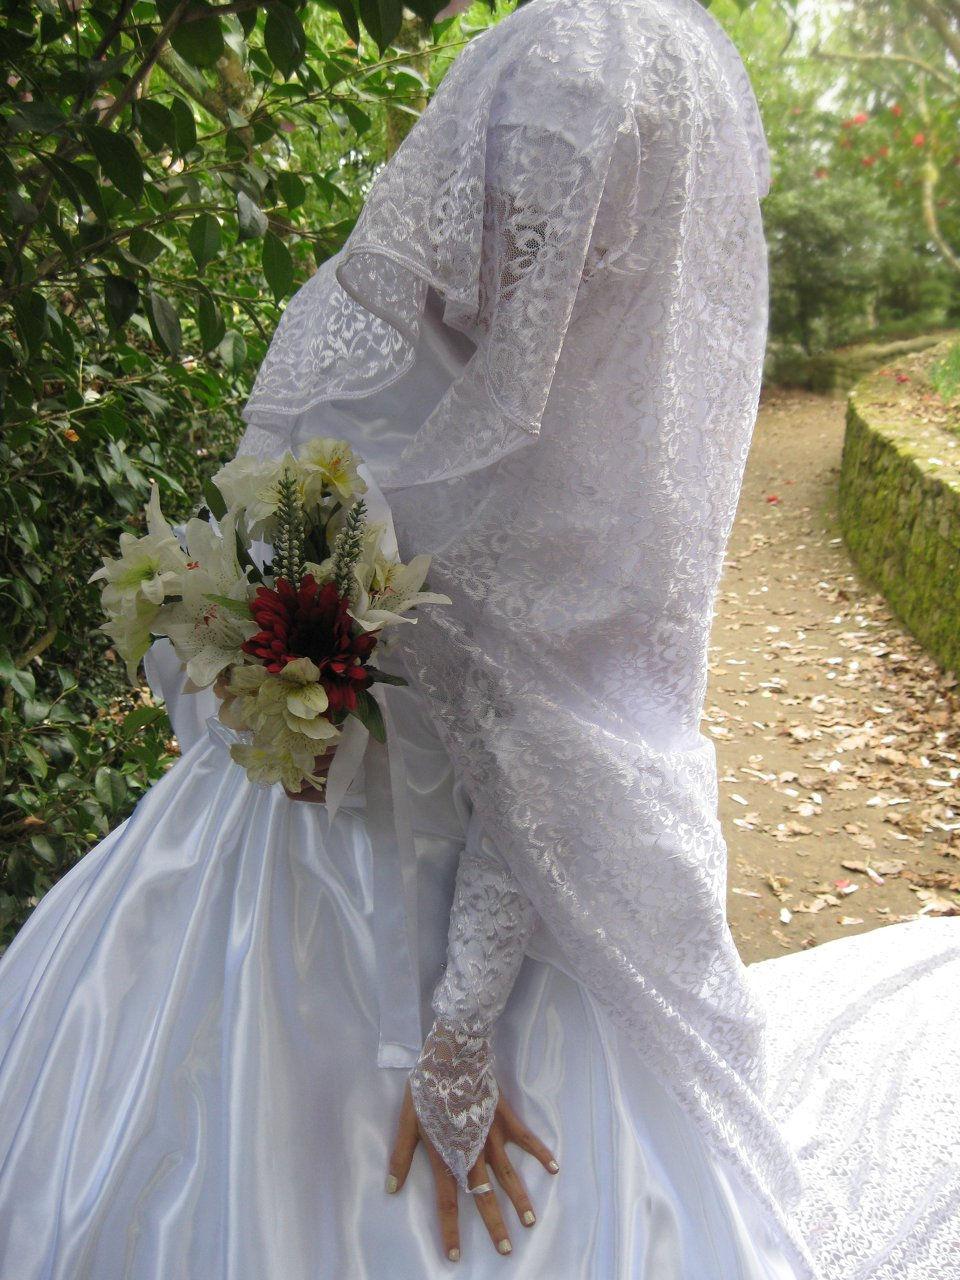 jilbab mariage 6jpg - Jilbeb Mariage